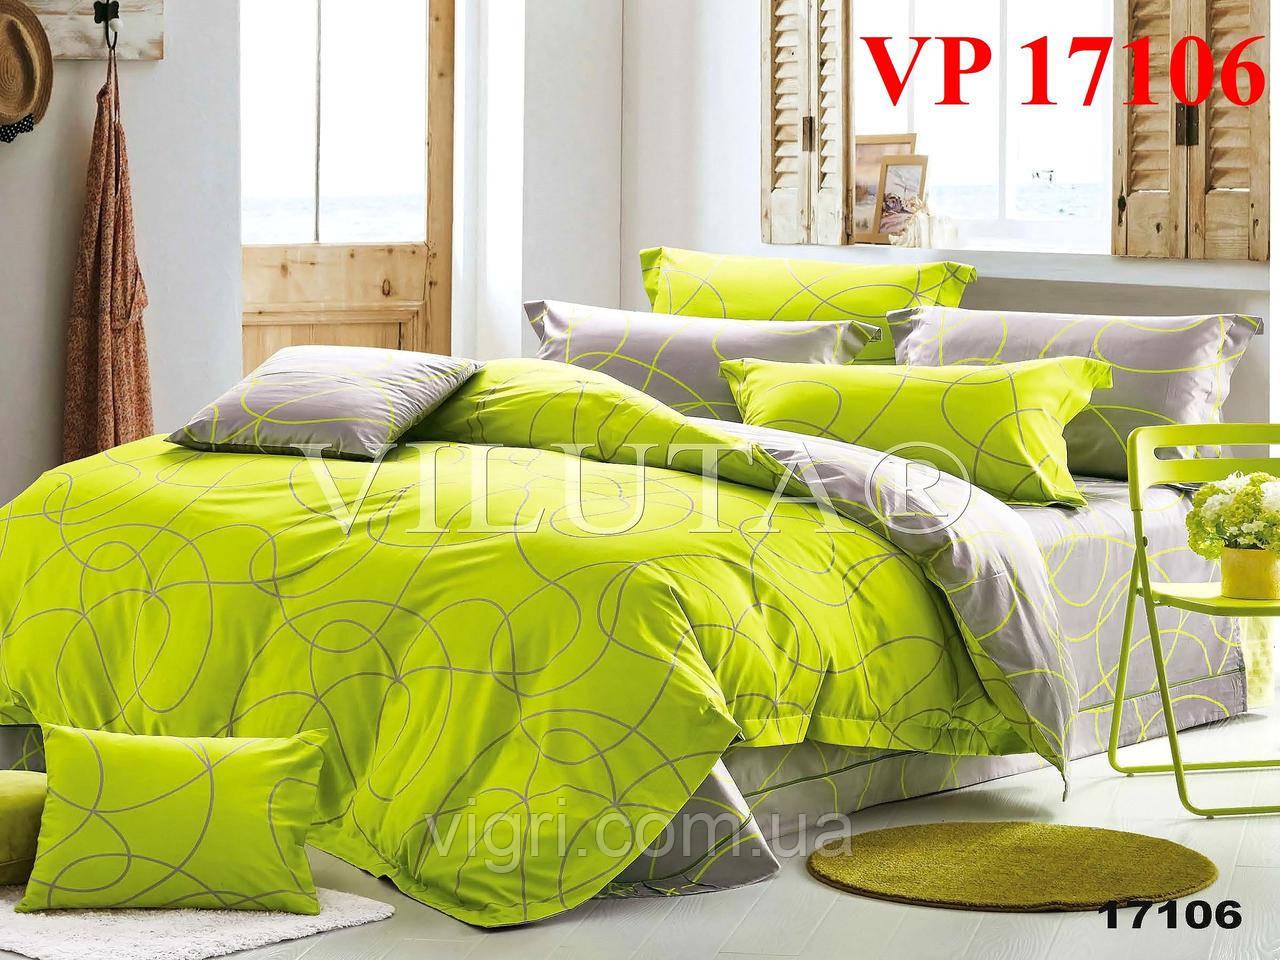 Постельное белье, семейный комплект, ранфорс, Вилюта «VILUTA» VР 17106